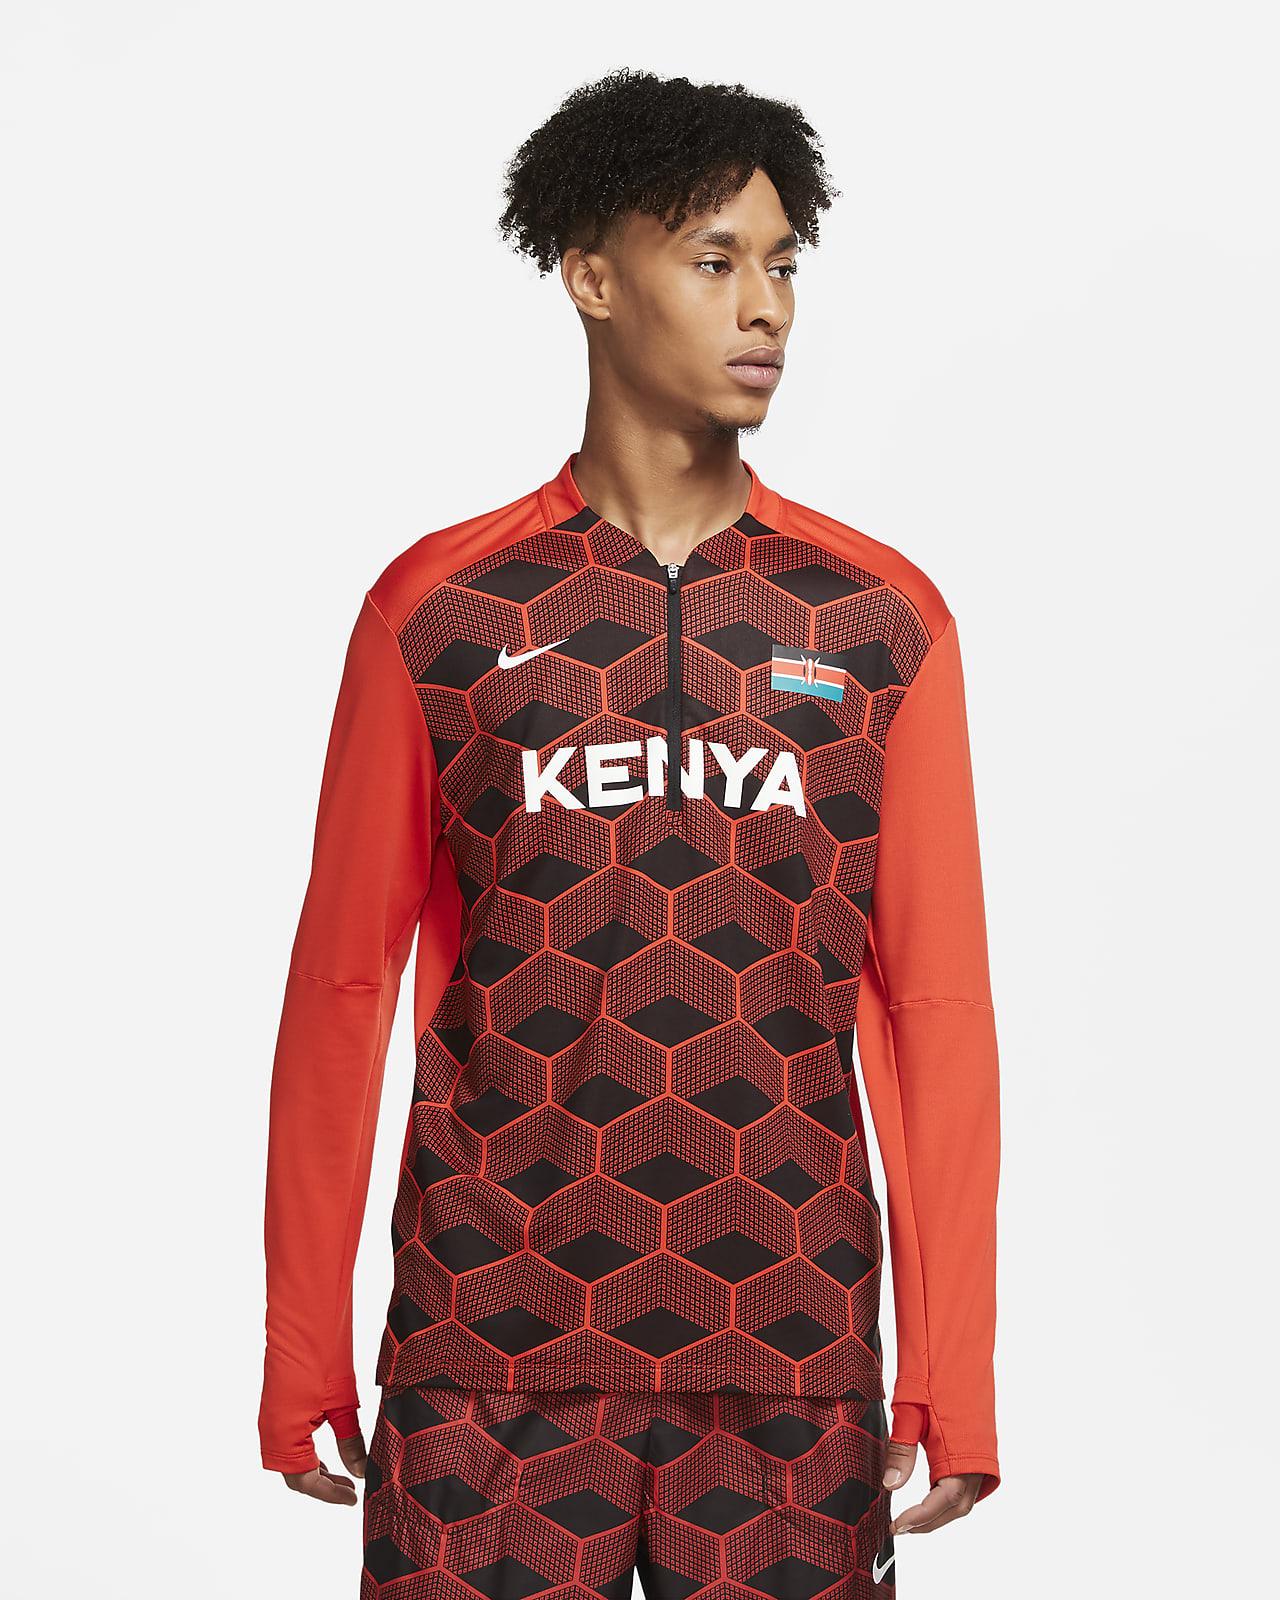 Nike Dri-FIT Team Kenya Men's 1/2-Zip Running Top